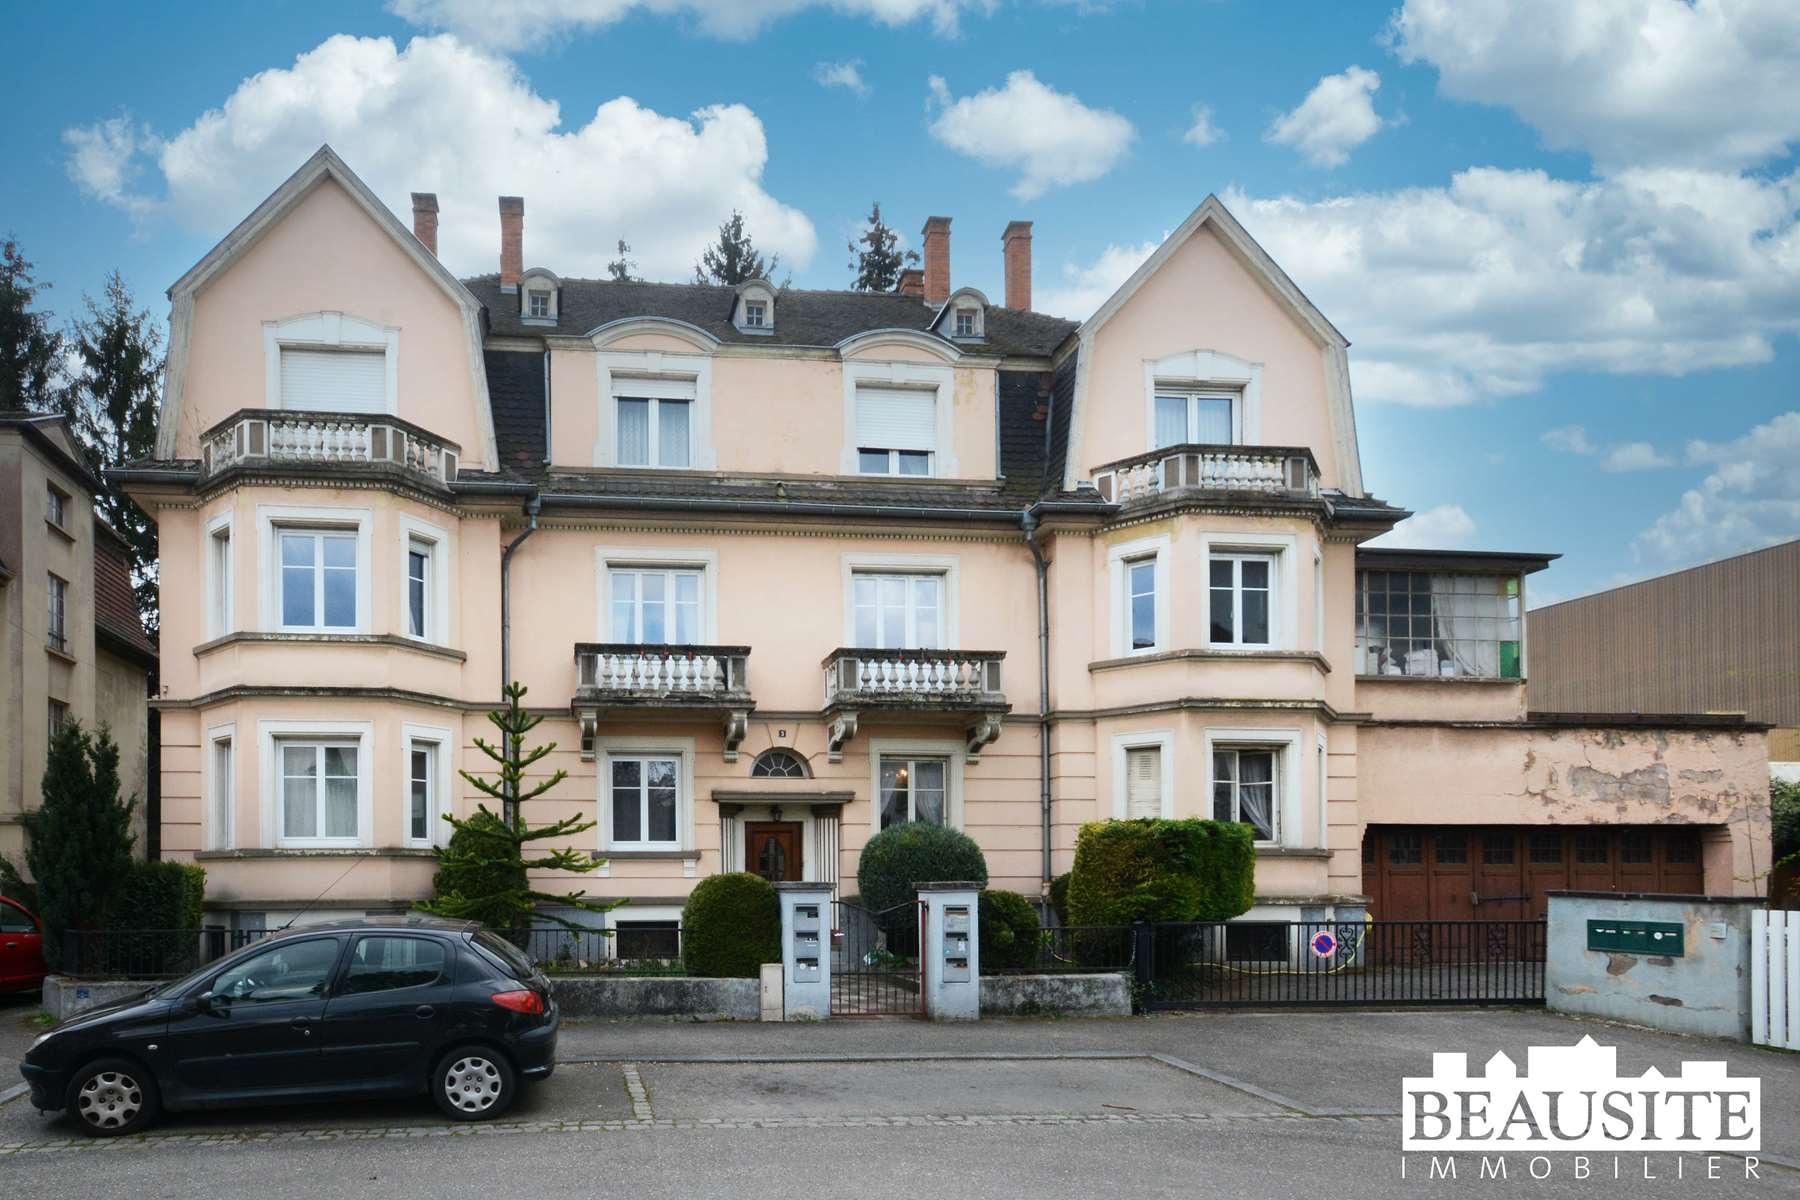 [La Duchesse] Un appartement royal dans un immeuble de caractère - Schiltigheim / Malteries - nos ventes - Beausite Immobilier 1